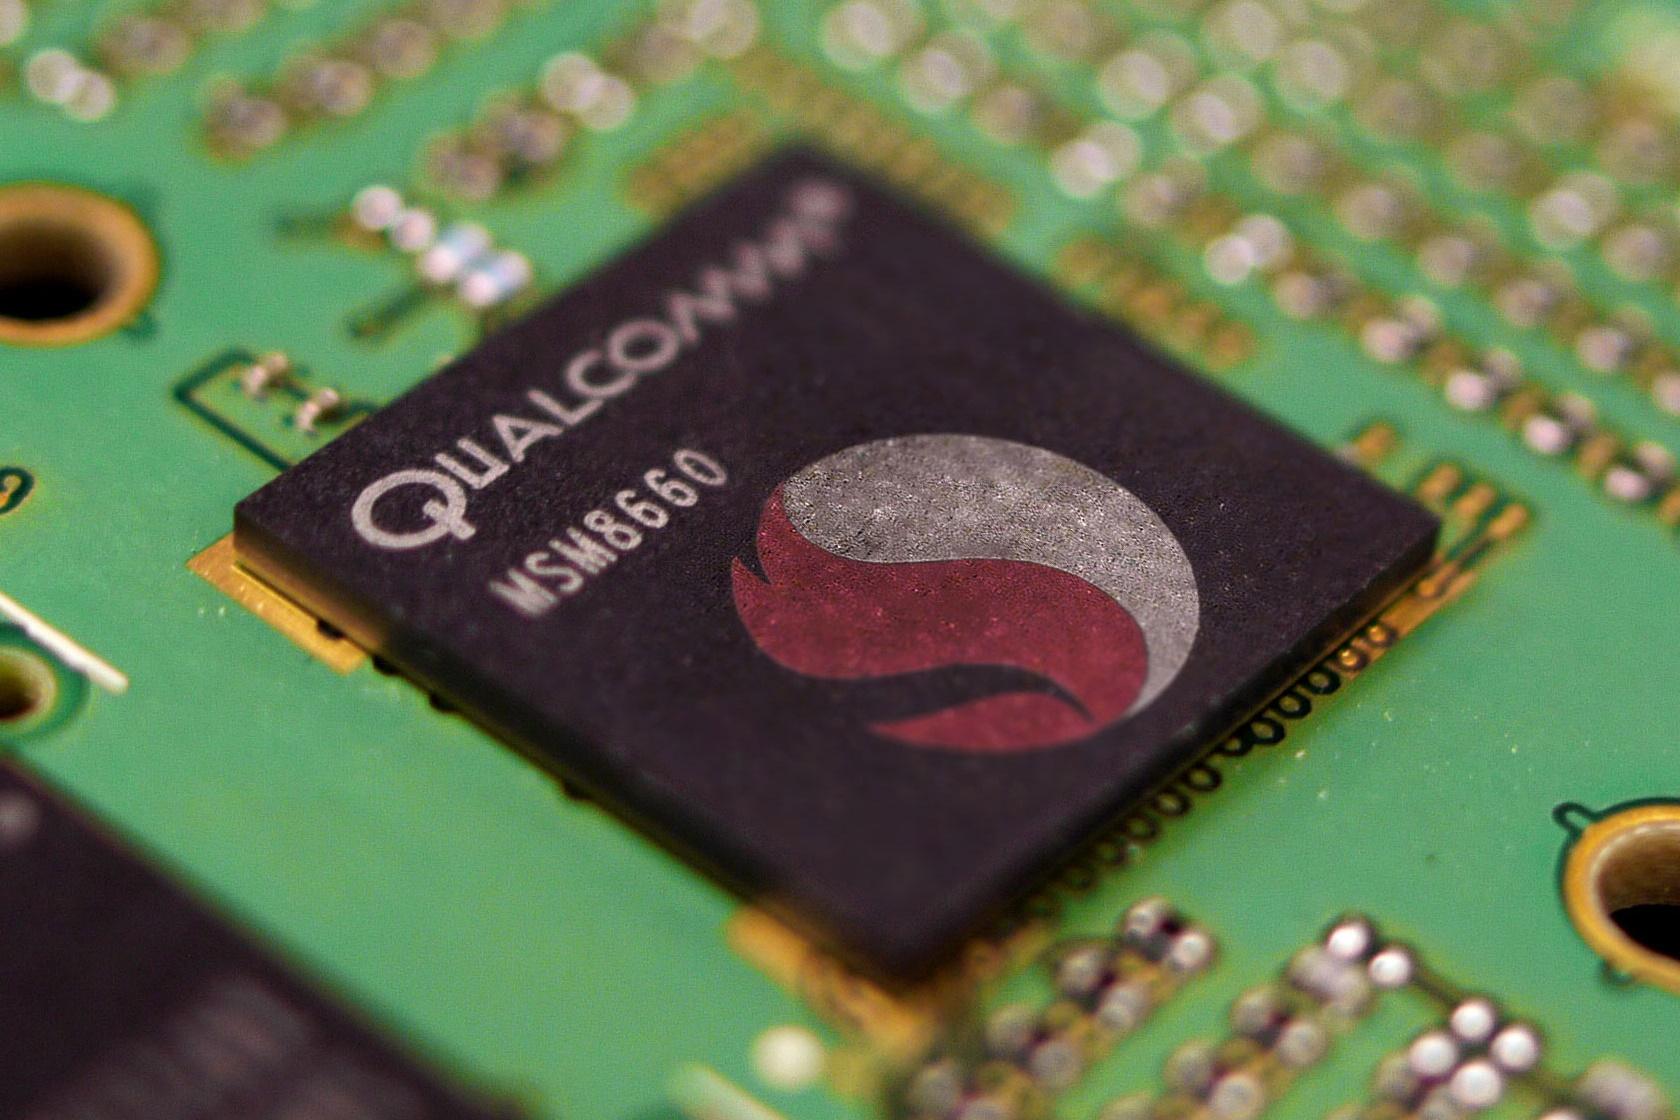 Imagem de US$ 103 bilhões: Qualcomm rejeita proposta de aquisição feita pela Broadcom no tecmundo